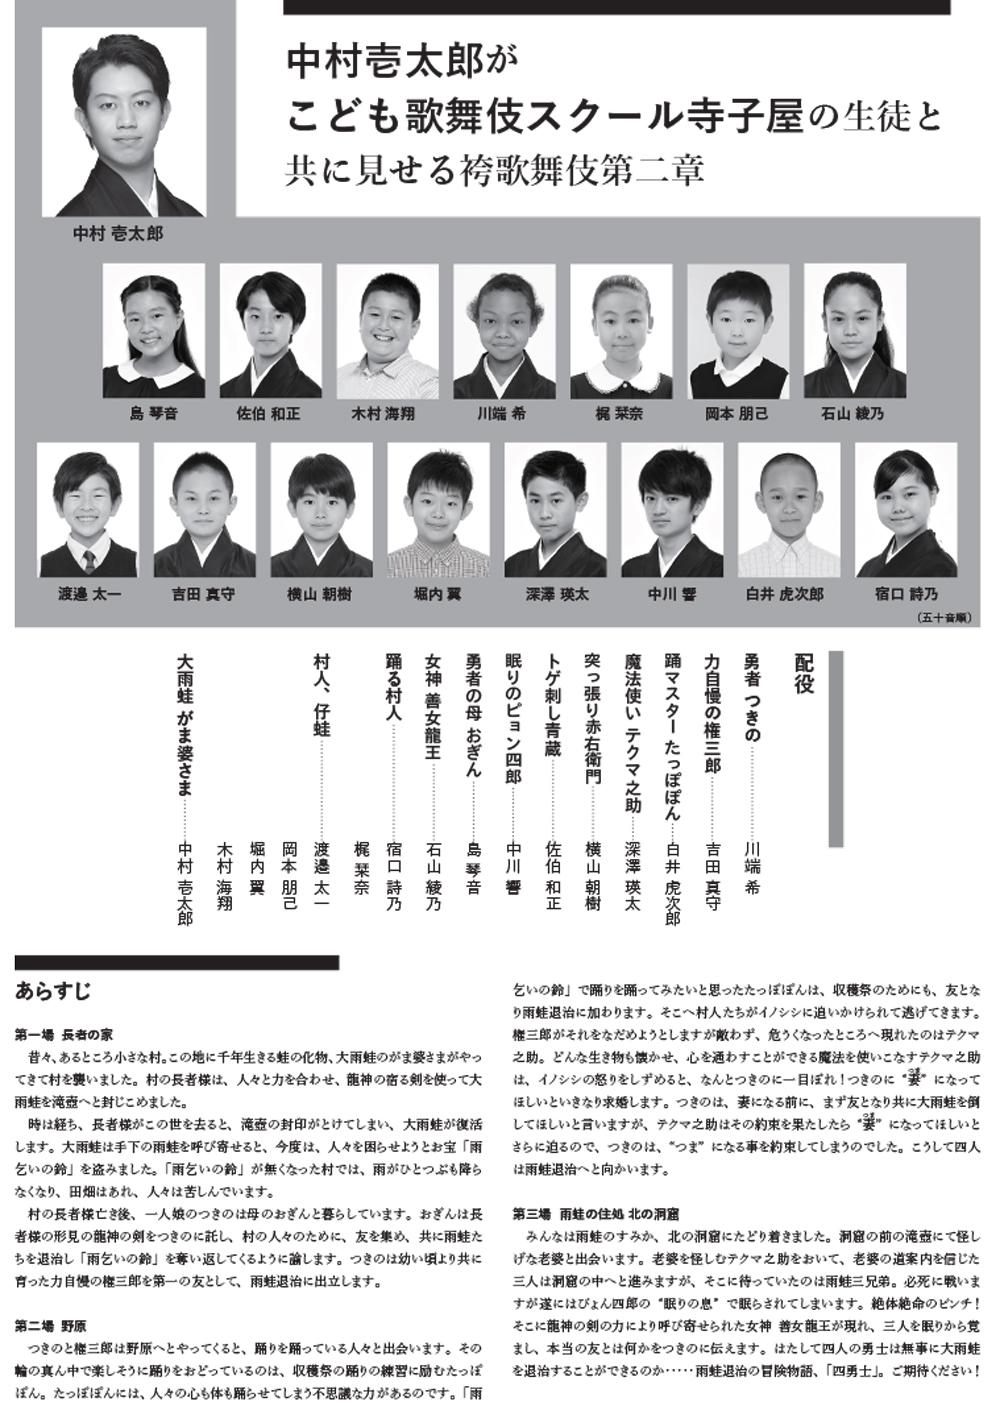 https://www.kabuki-bito.jp/uploads/source/2019news7-8/jiyukenkyu_0808_2.jpg